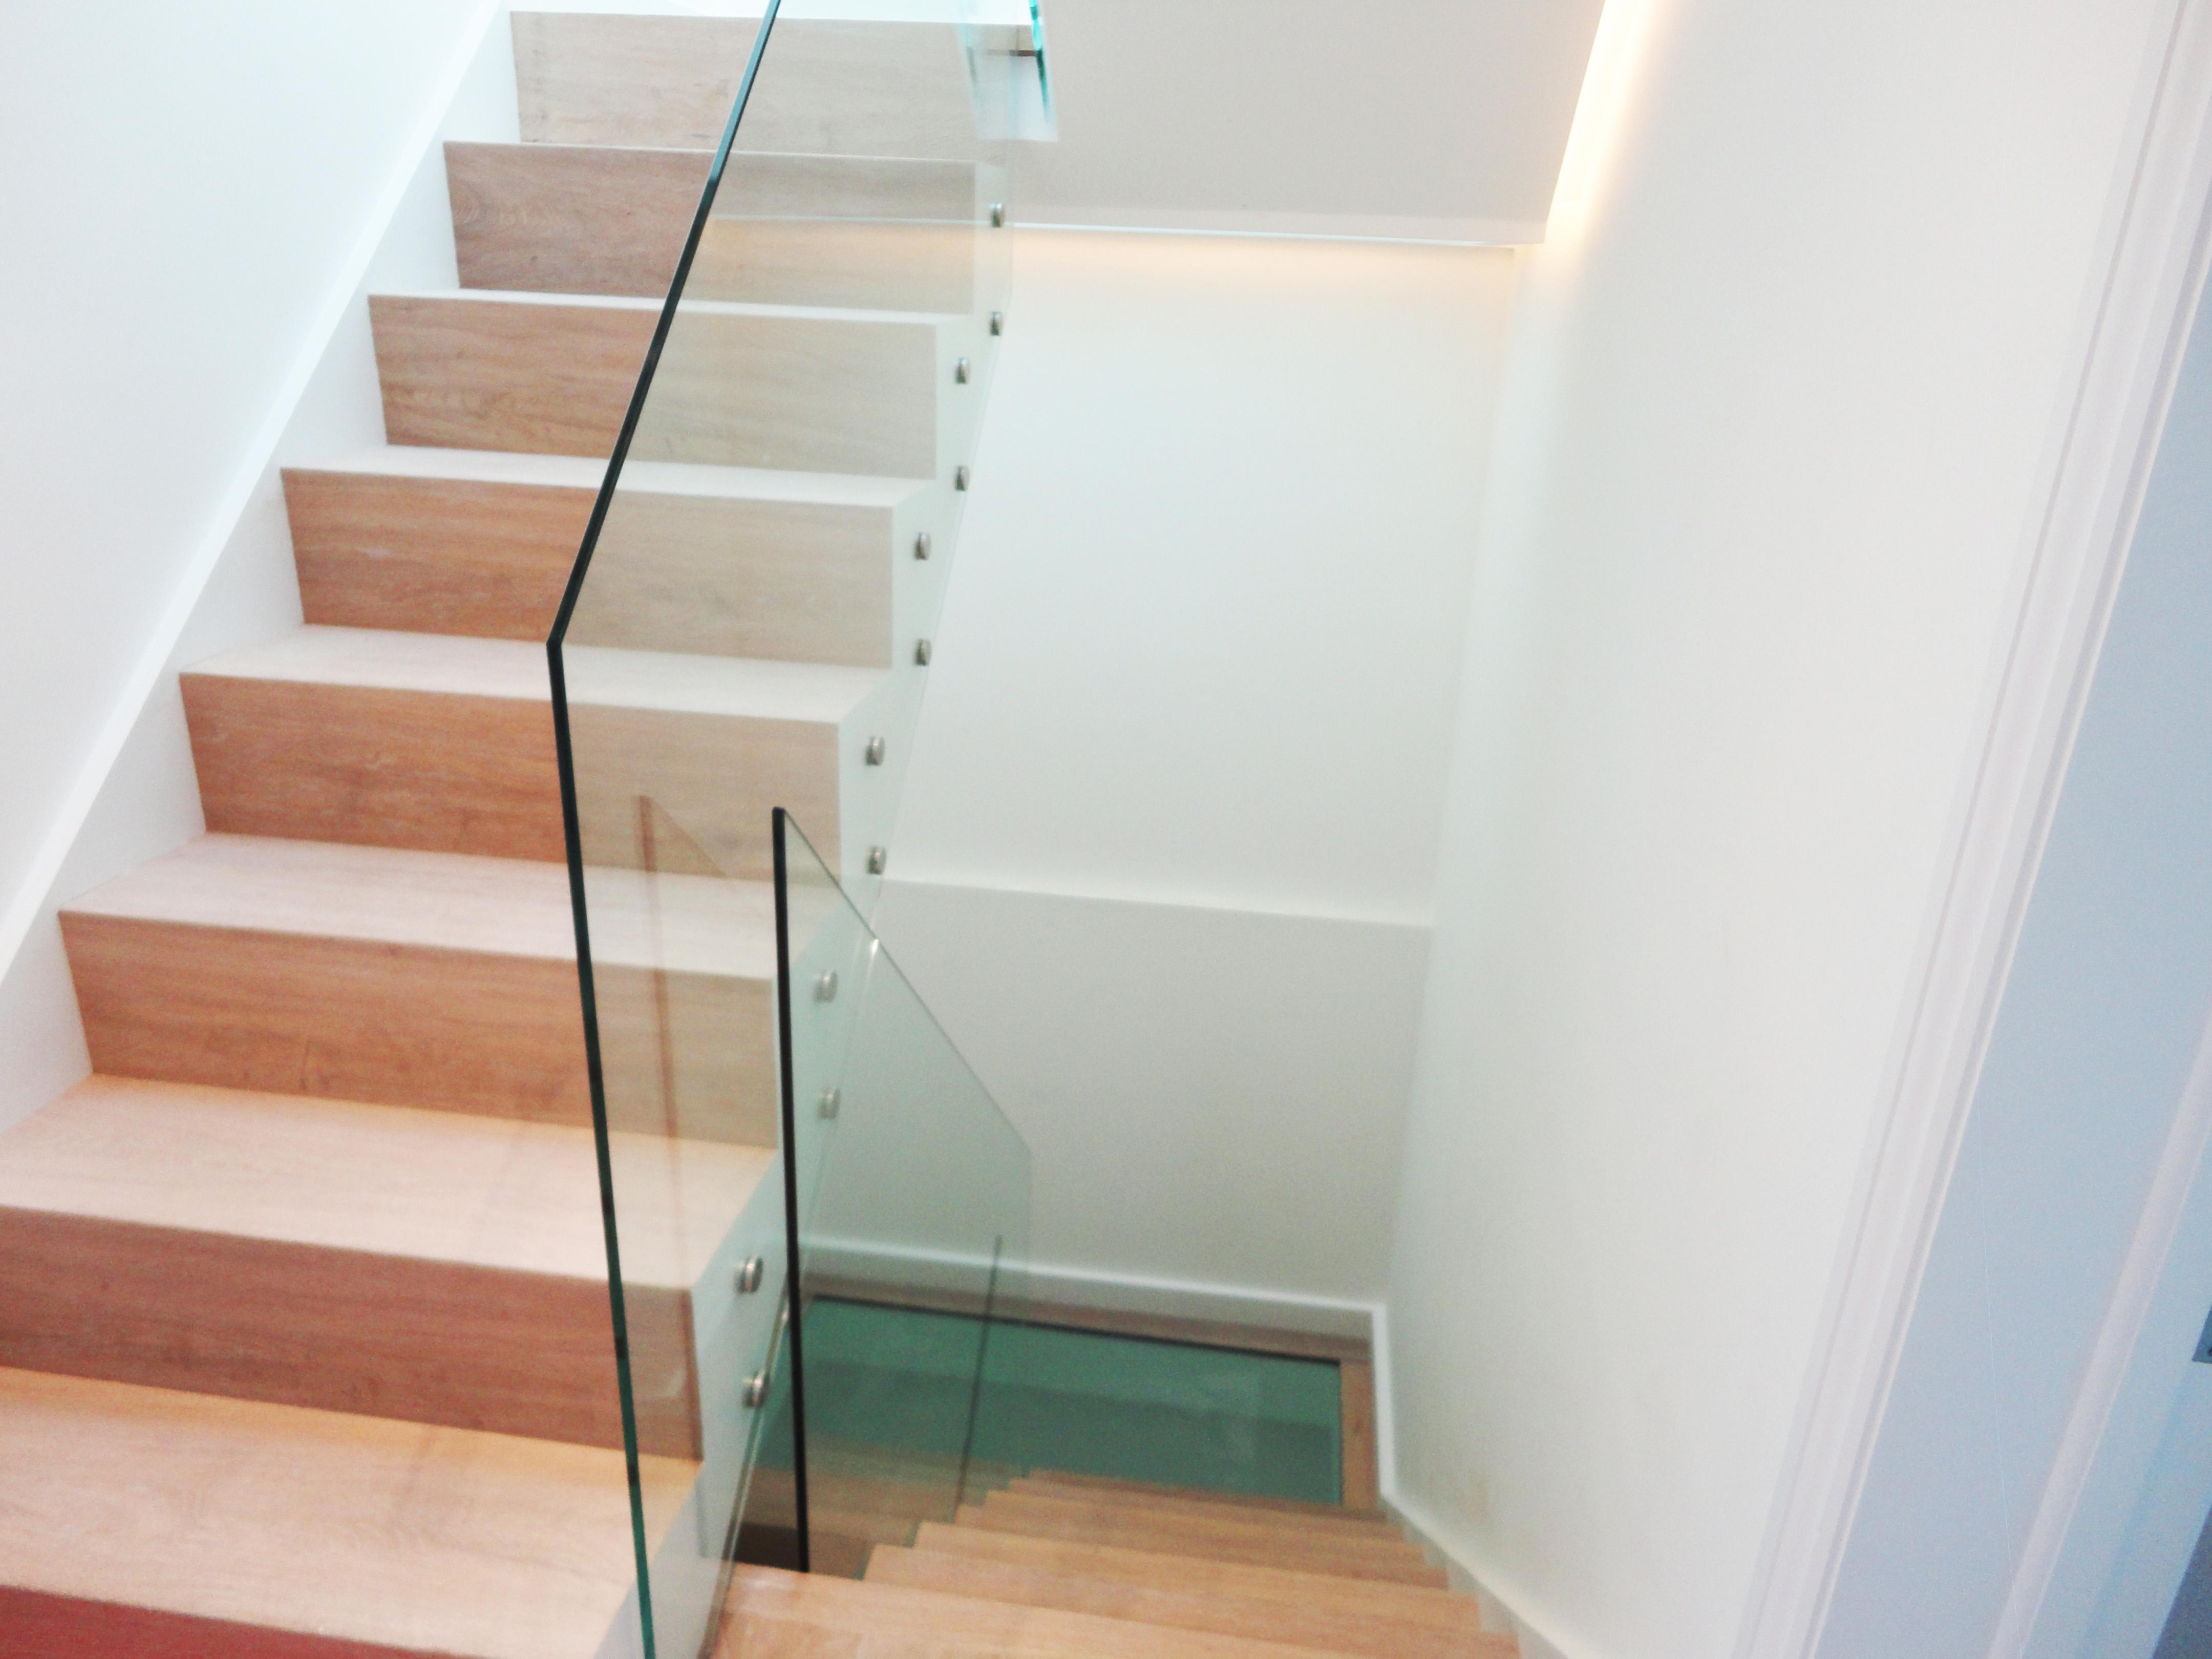 balustrades glass outlet. Black Bedroom Furniture Sets. Home Design Ideas